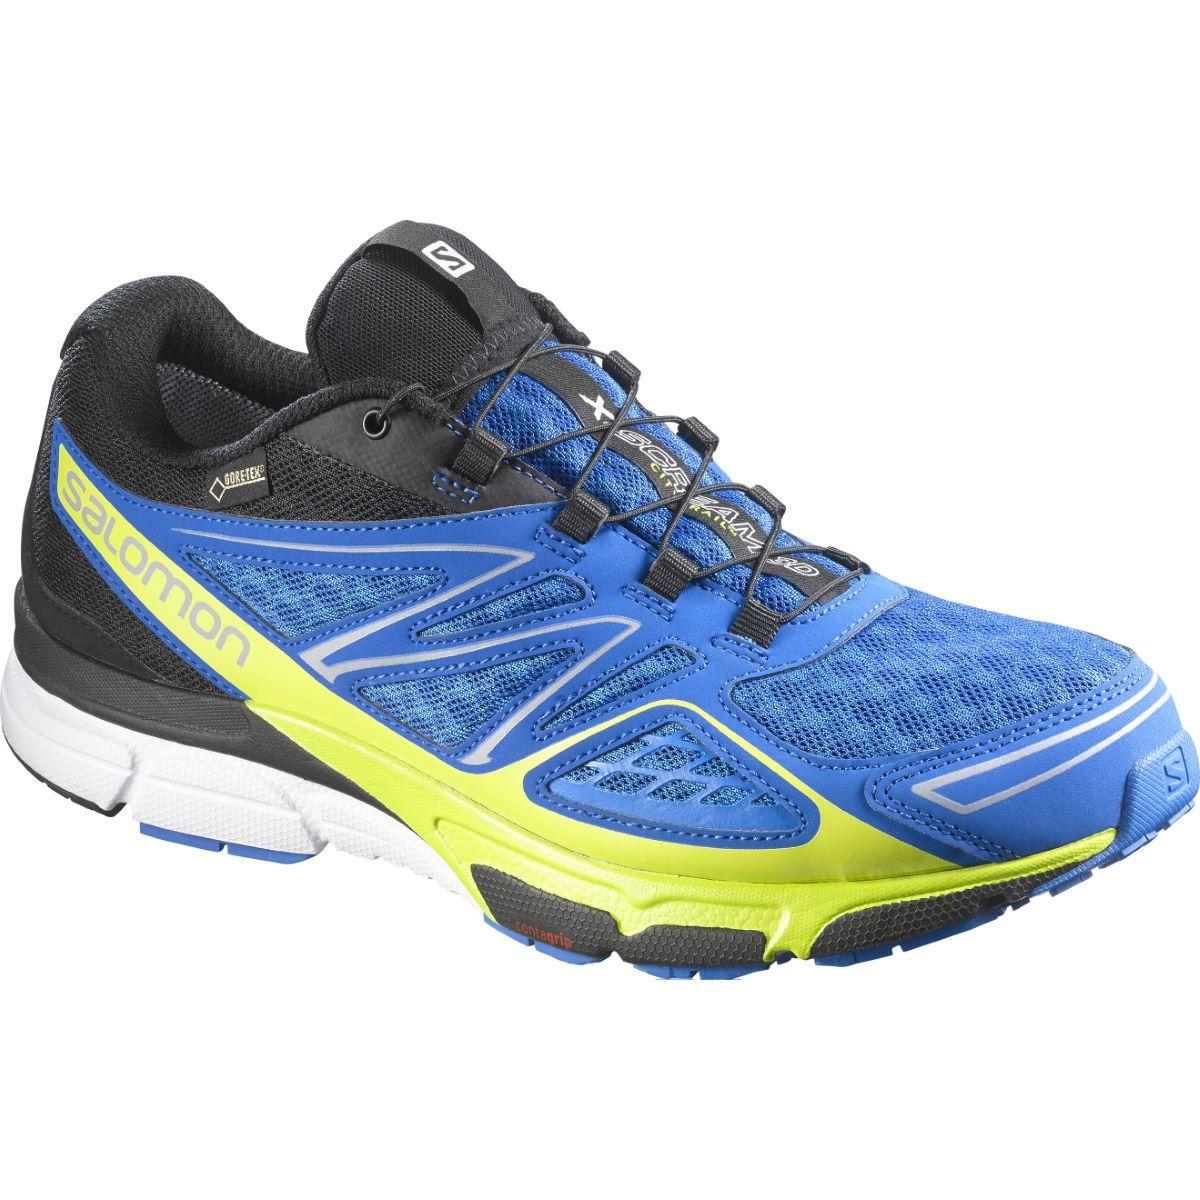 Zapatillas y zapatos Salomon X Scream 3d FFAvGbmZzp